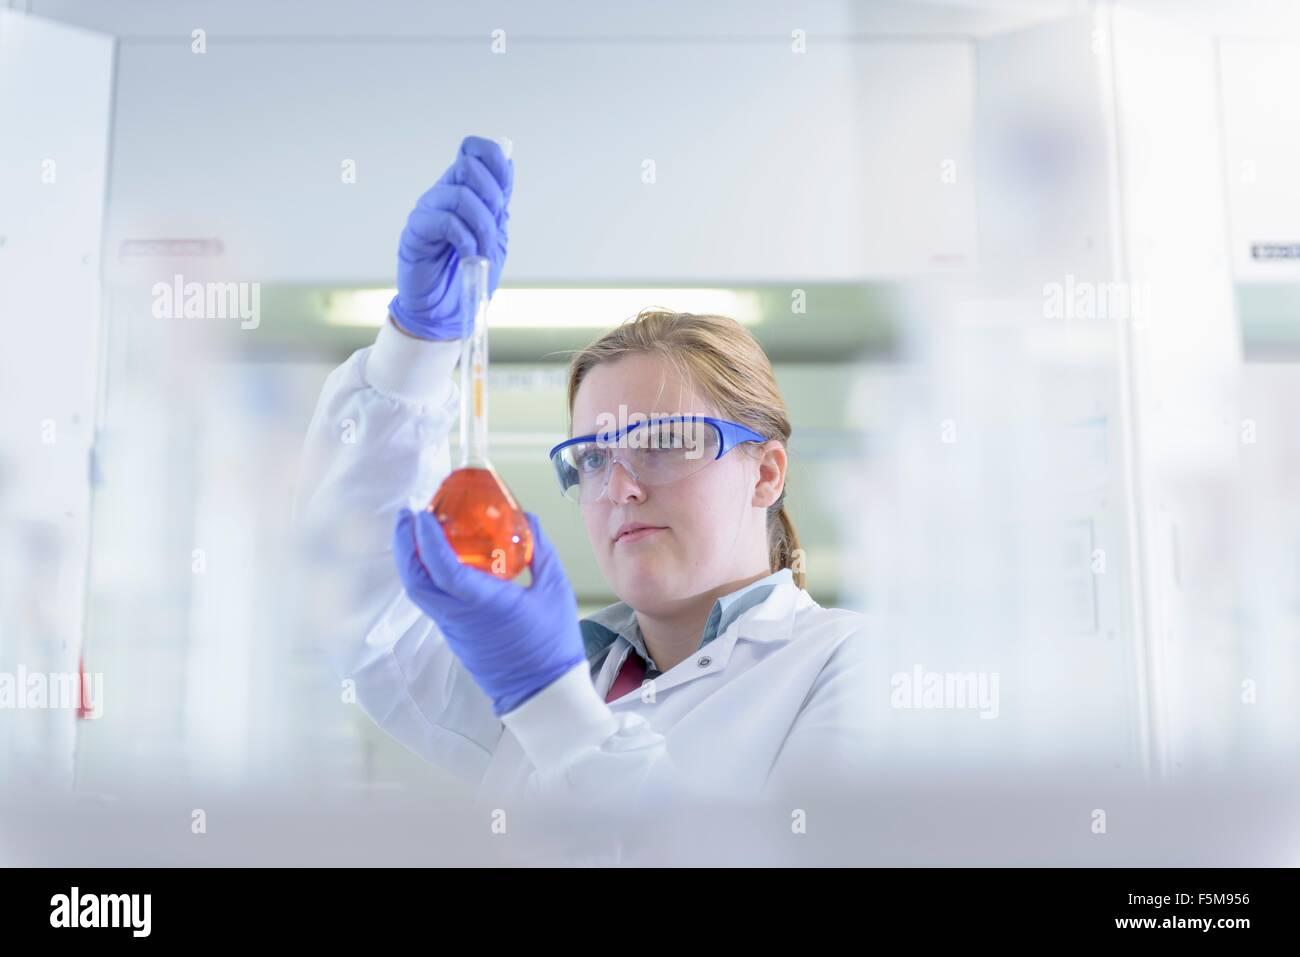 Farbige Muster im Testlabor untersuchen Wissenschaftler Stockfoto